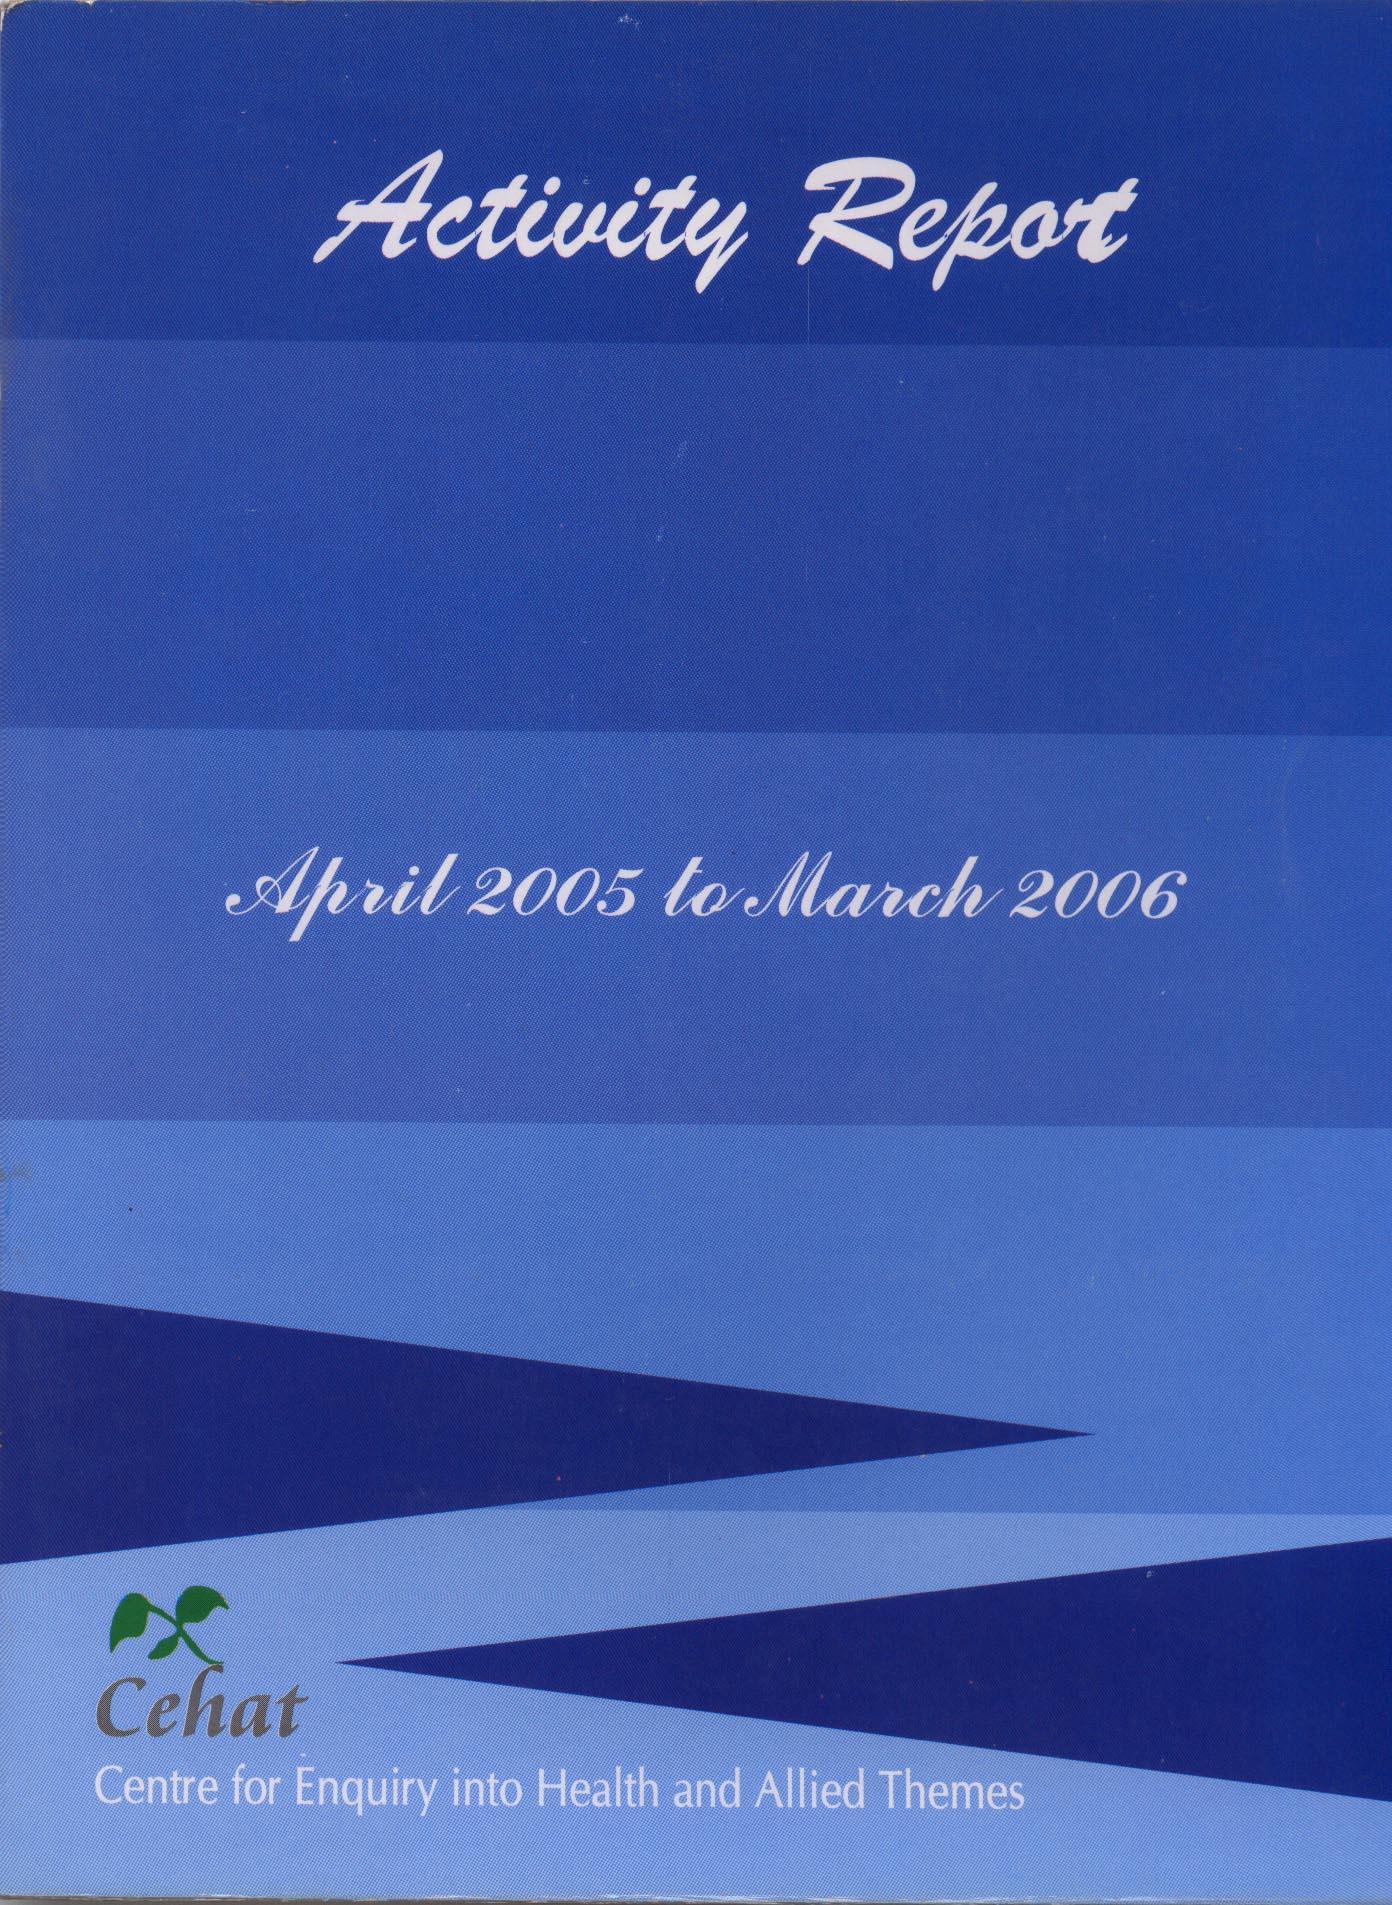 April 2005-March 2006